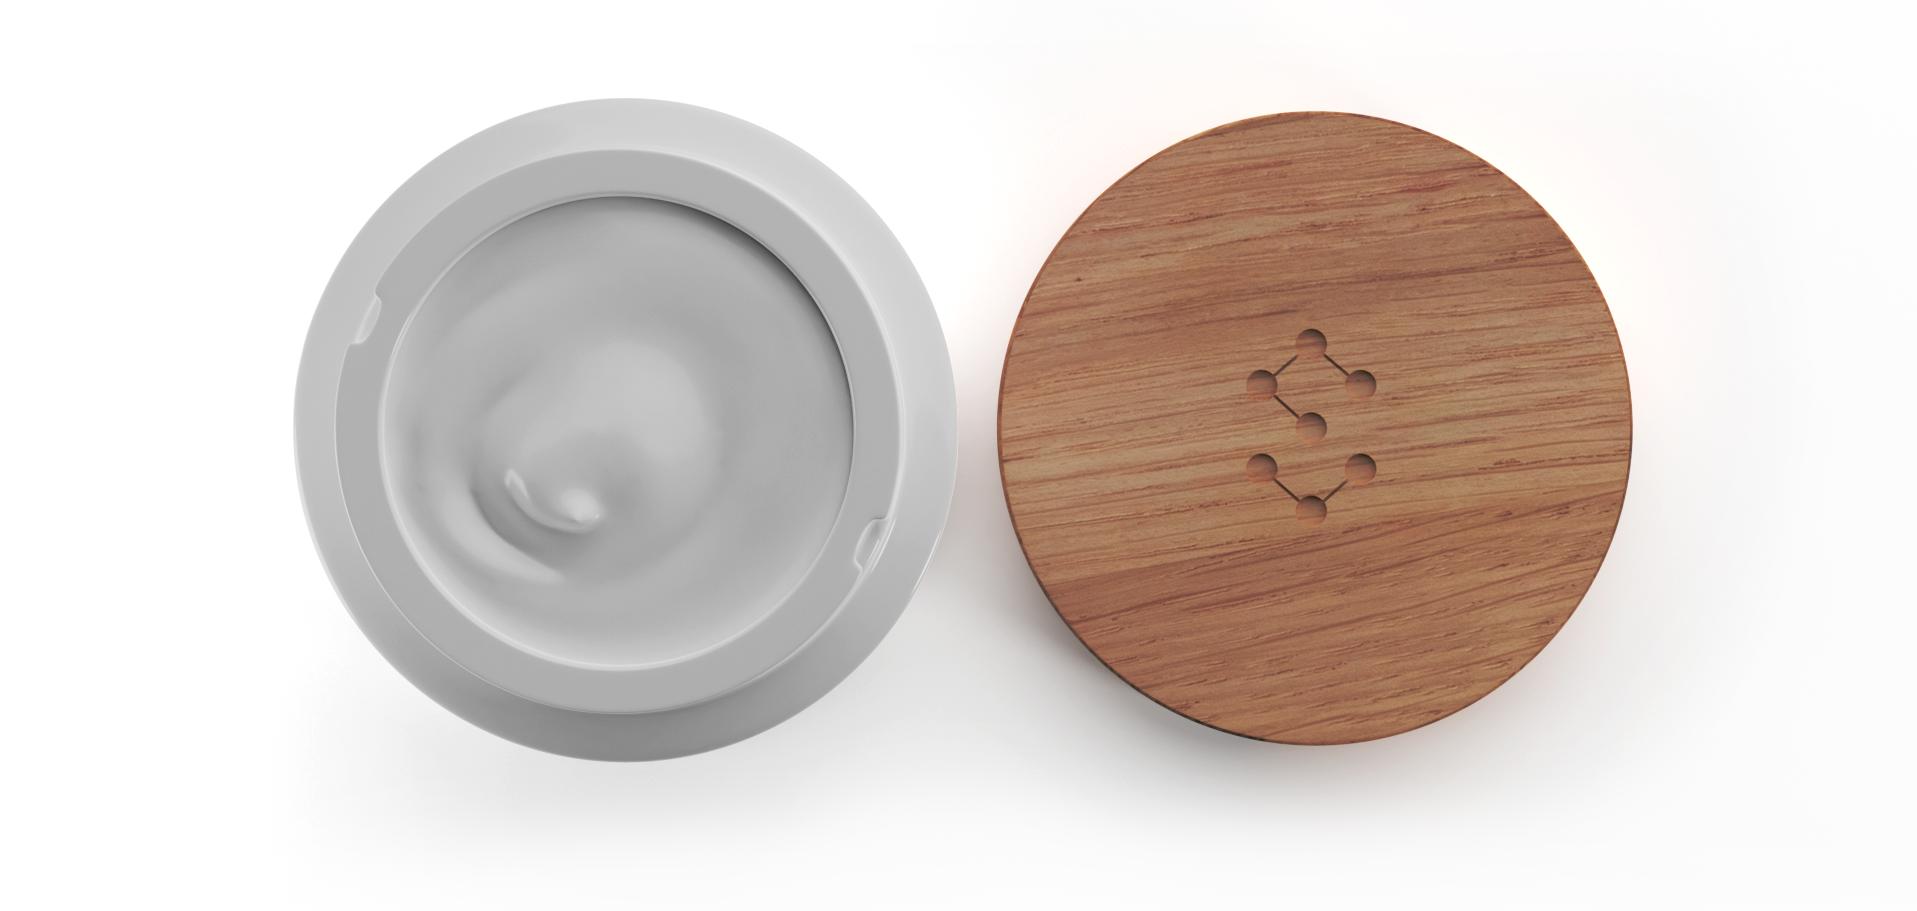 Detail - SAIN Originální noční krém pro omlazení pleti s bioaktivním peptidem a levandulí, pohled shora na porcelánový kelímek Thun s anti-aging krémem s bioaktivním peptidem a levandulí